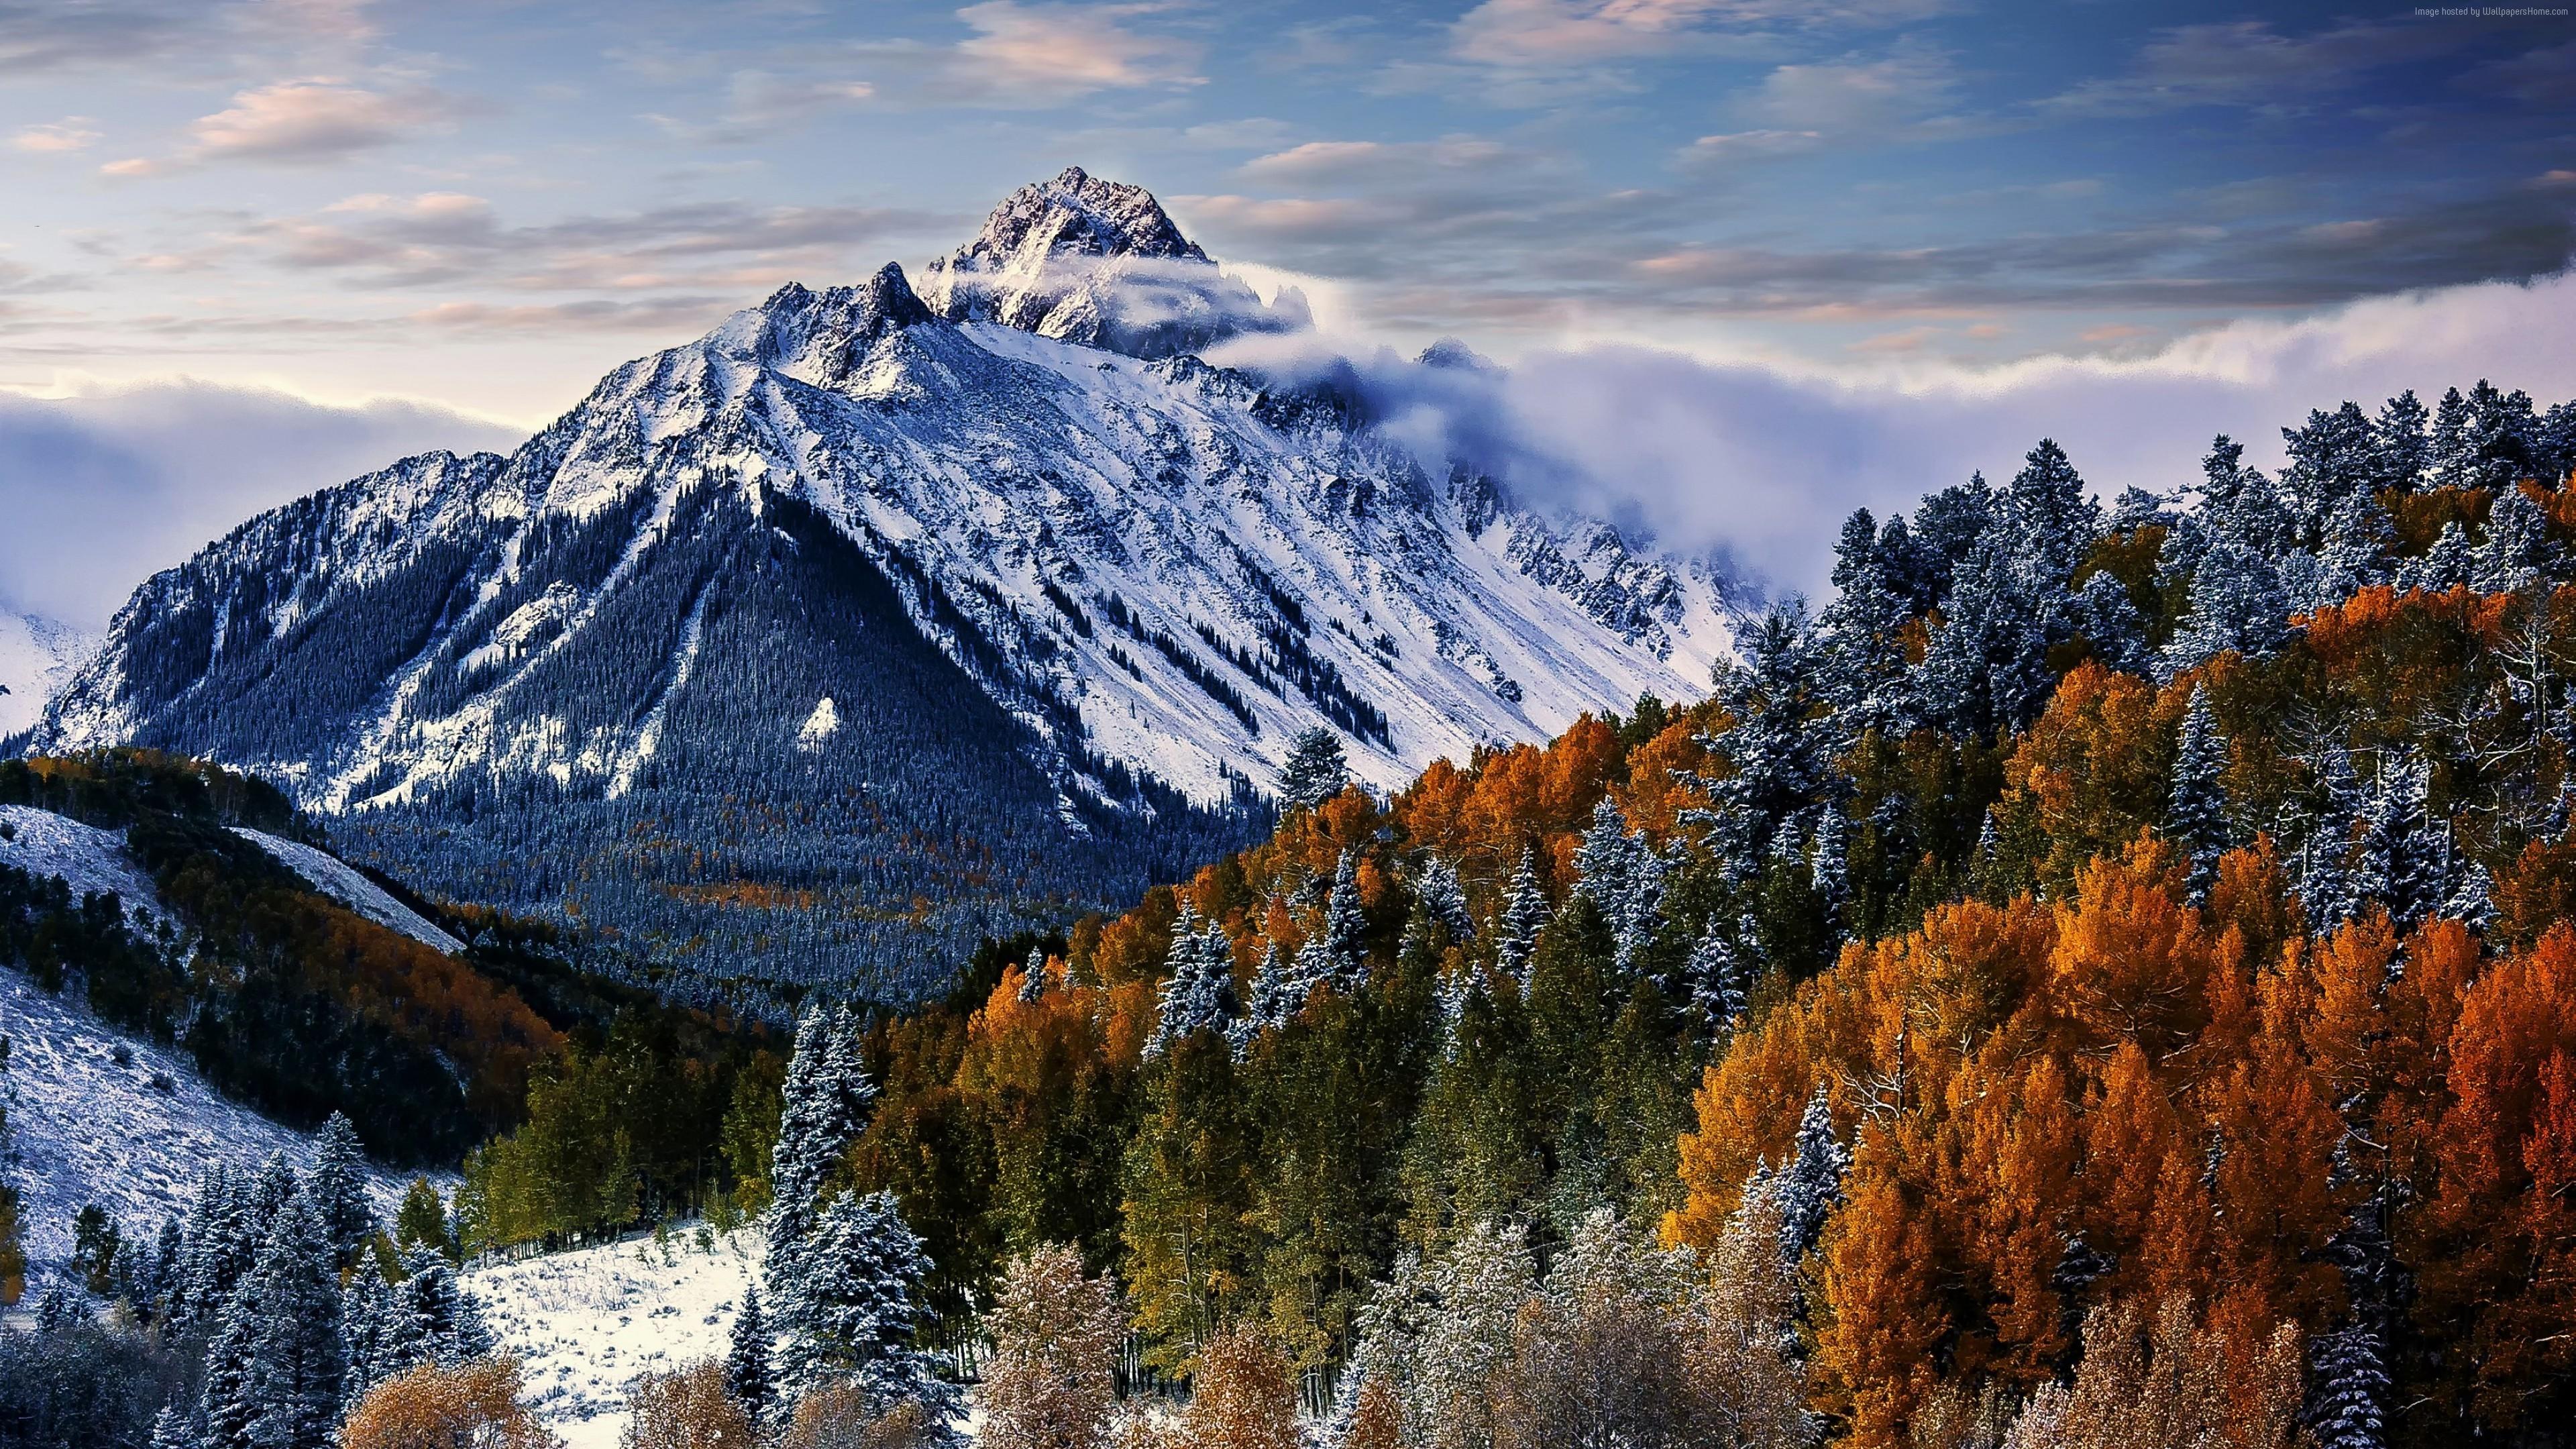 Wallpaper Sneffels Mountain Trees Winter Forest 4k Nature Wallpaper Download High Resolution 4k Wallpaper